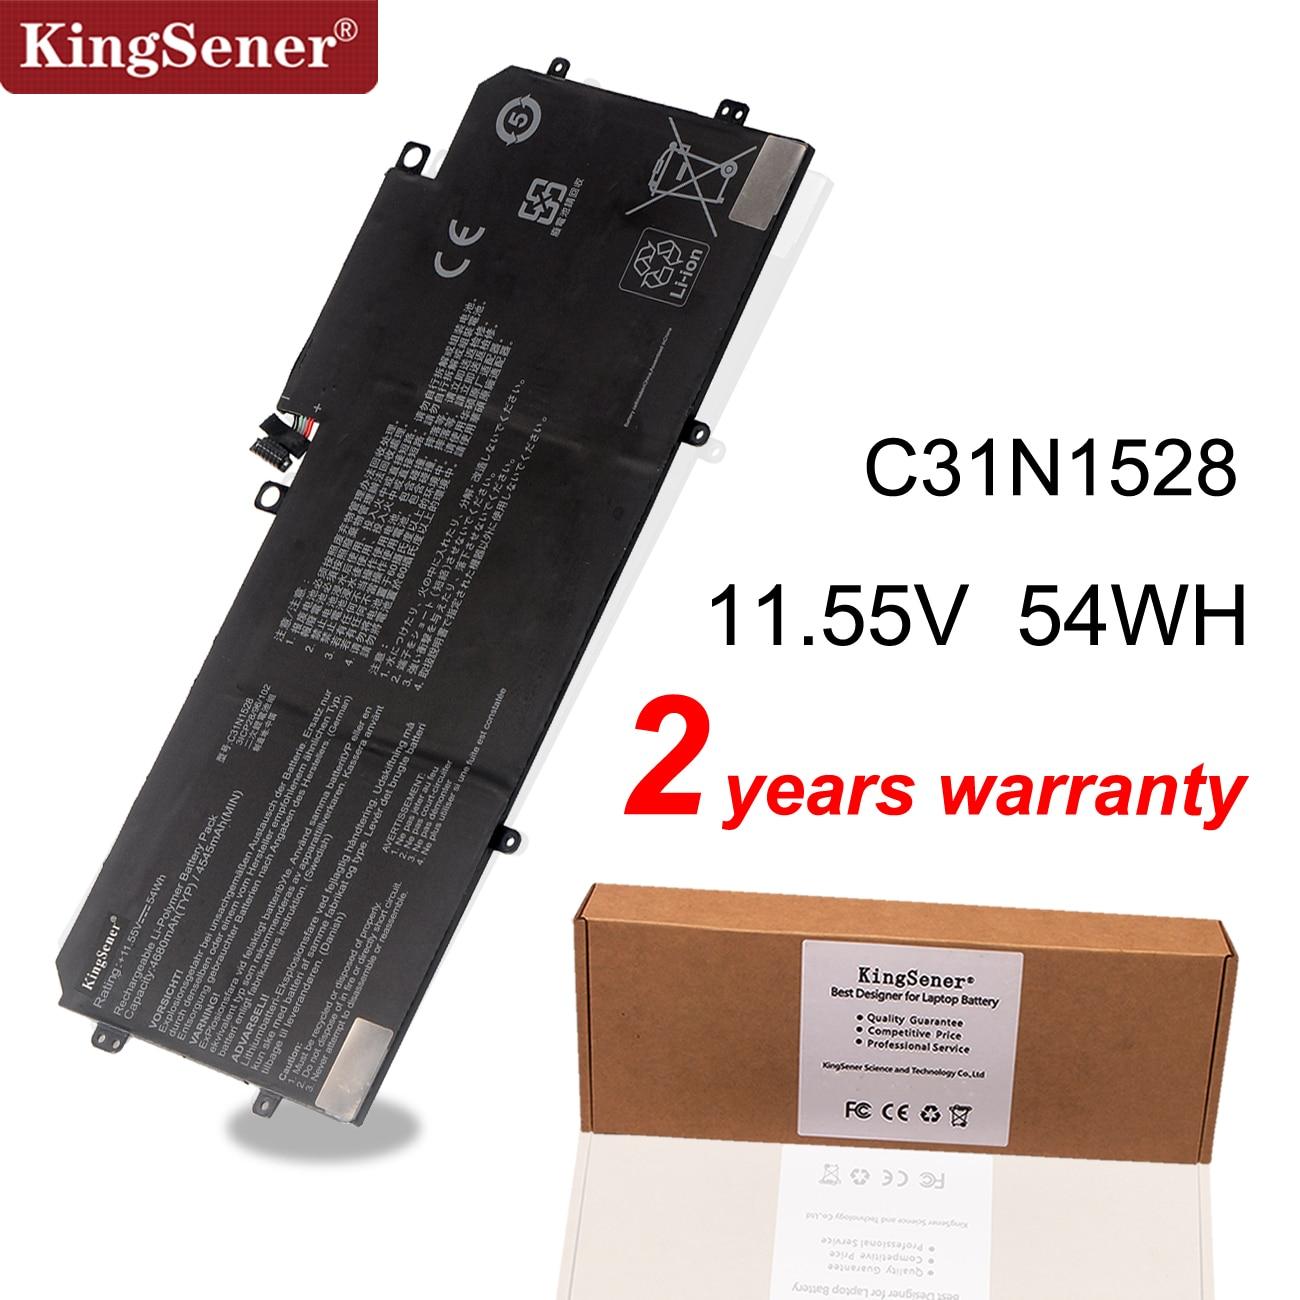 KingSener C31N1528 بطارية كمبيوتر محمول ل Asus UX360 UX360C UX360CA سلسلة 3ICP3/96/103 0B200-02080100 11.55V 54WH